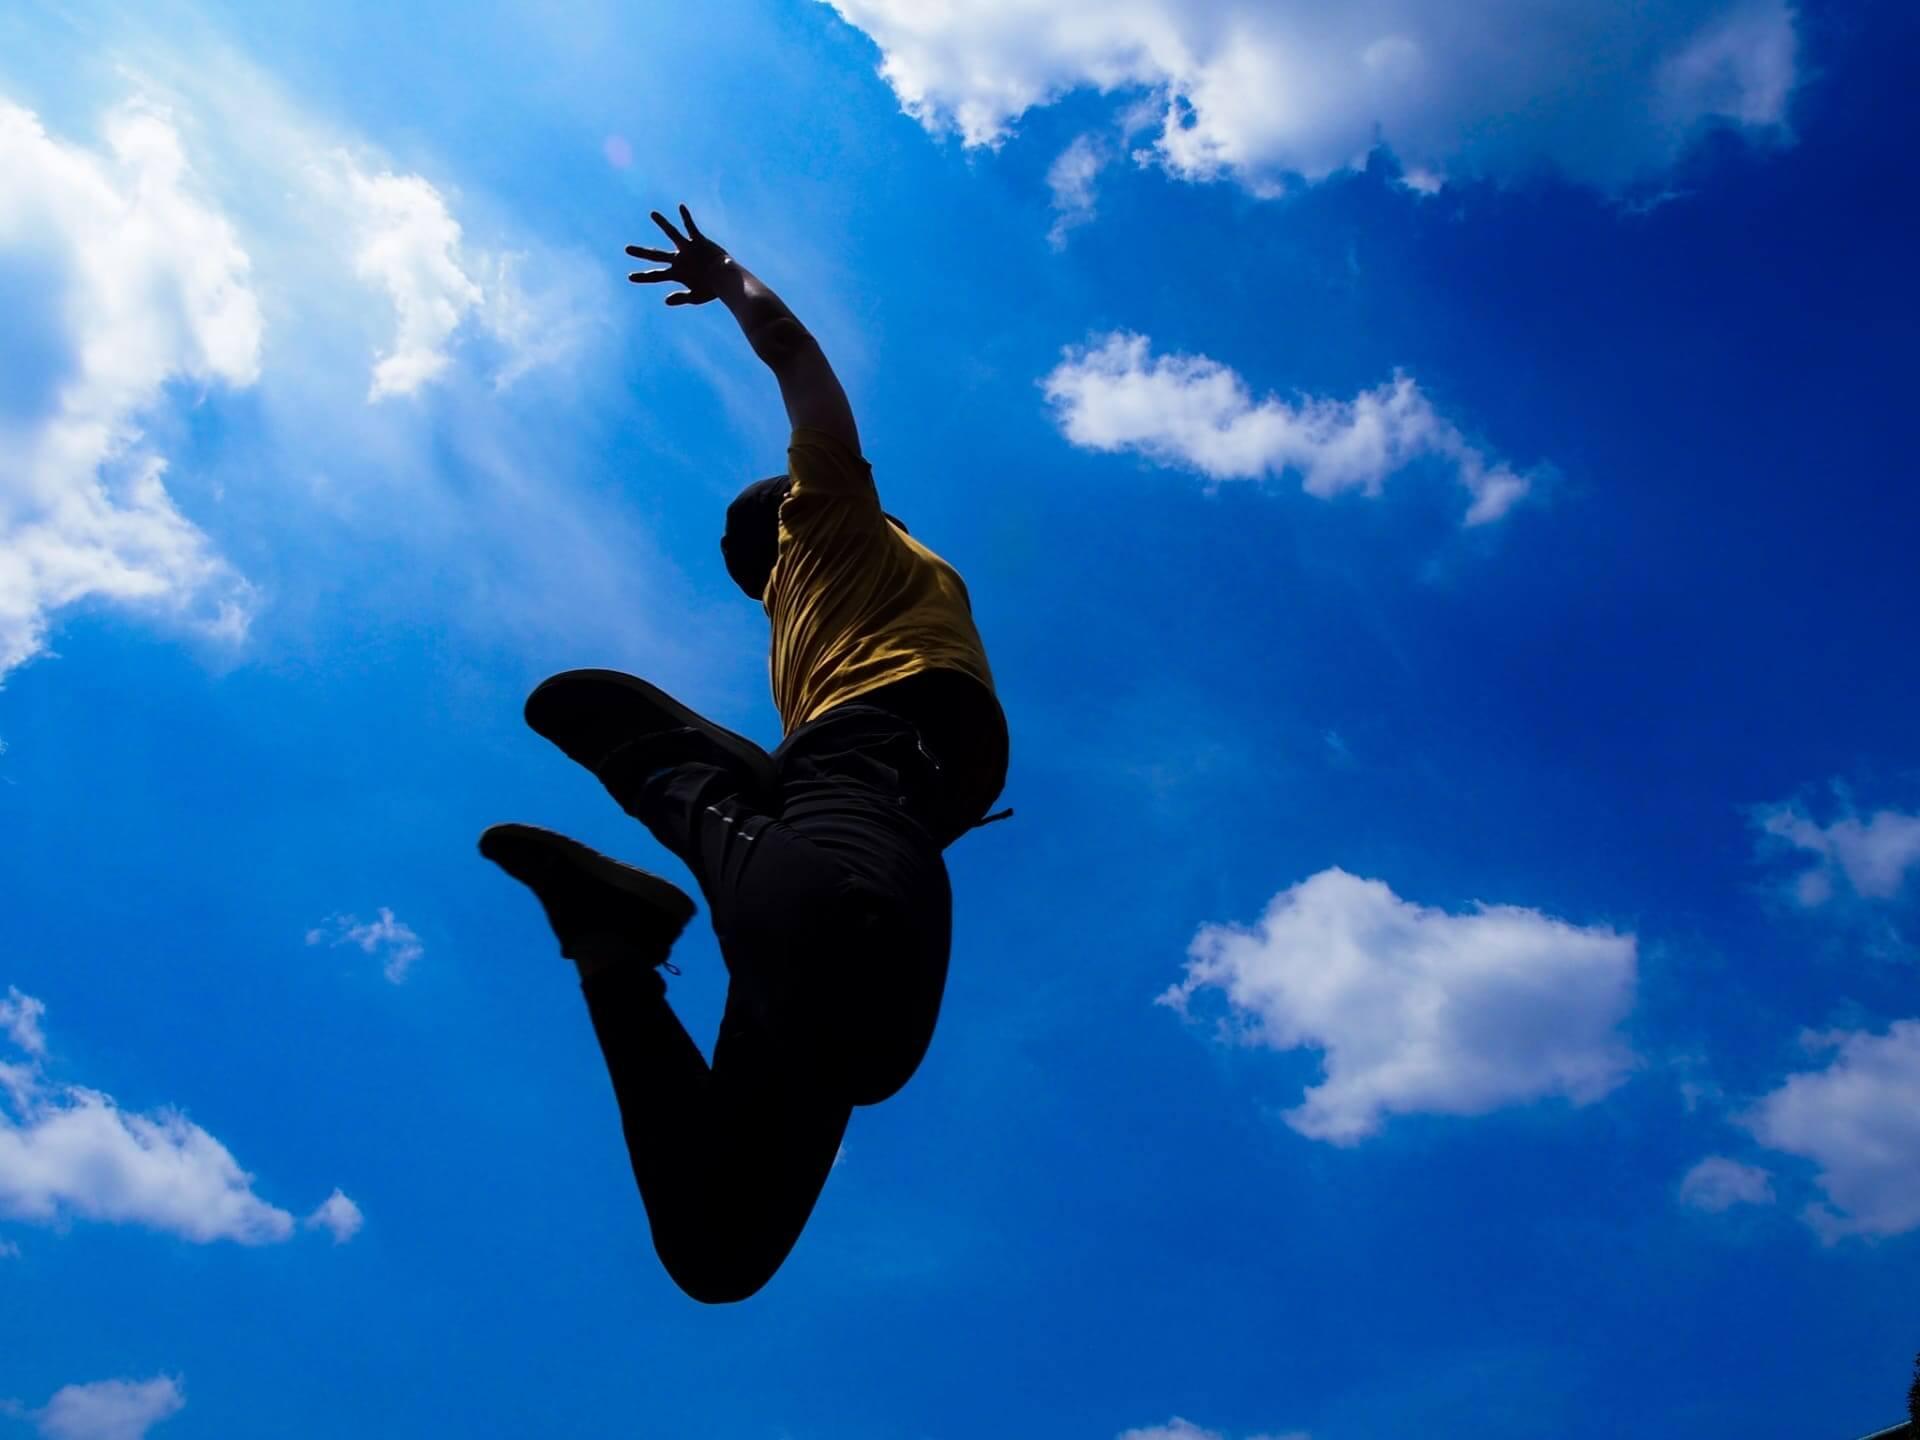 【●日後、人生激変】次あなたの人生で起こる出来事◆水晶玉子が教えます!